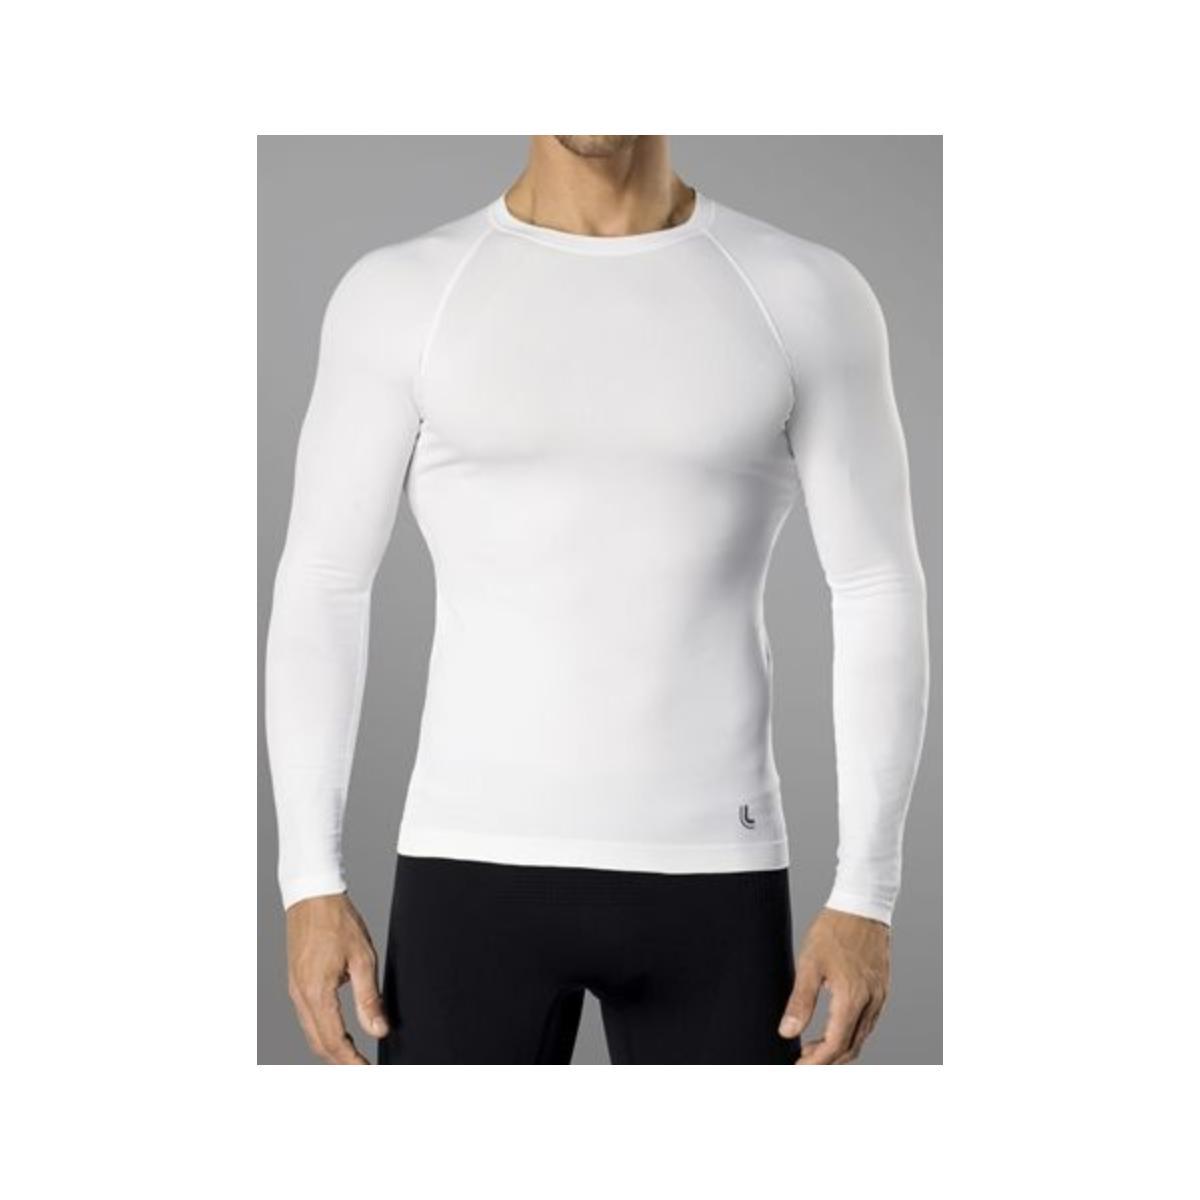 Camiseta Masculina Lupo 70045 001 1110 Branco